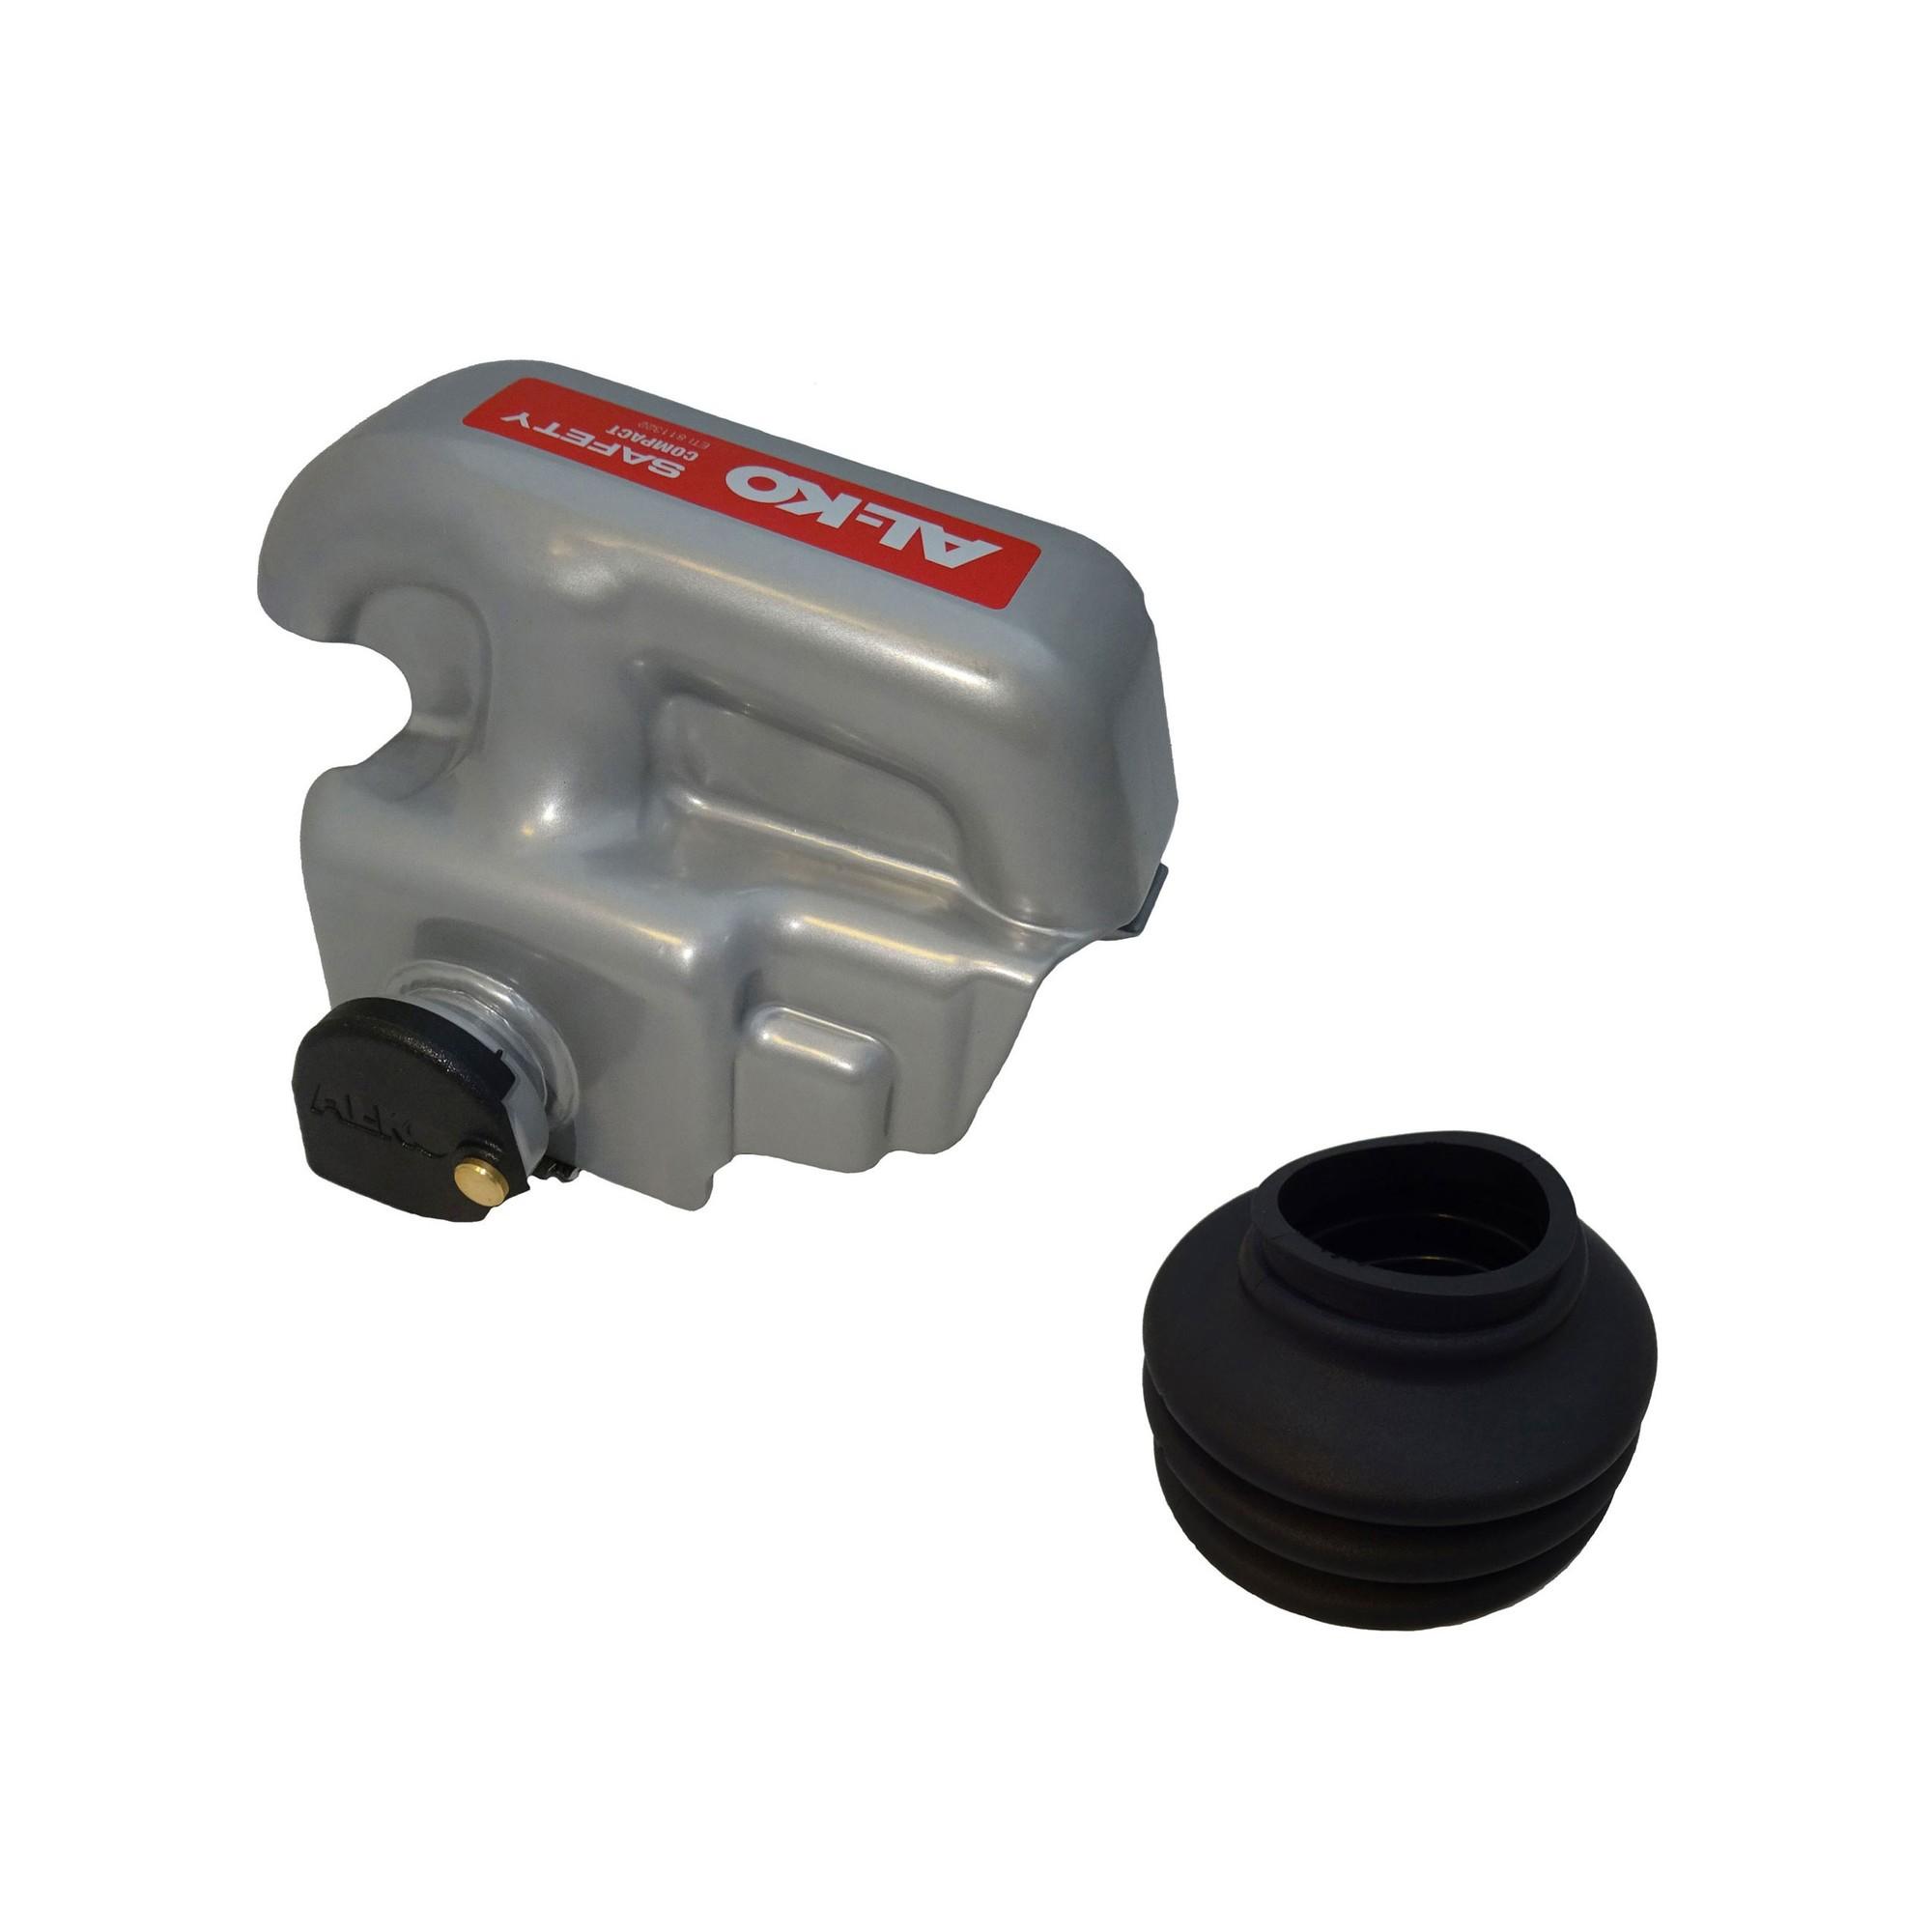 Afbeelding van Al Ko Safety Compact Koppelingsslot AK 160